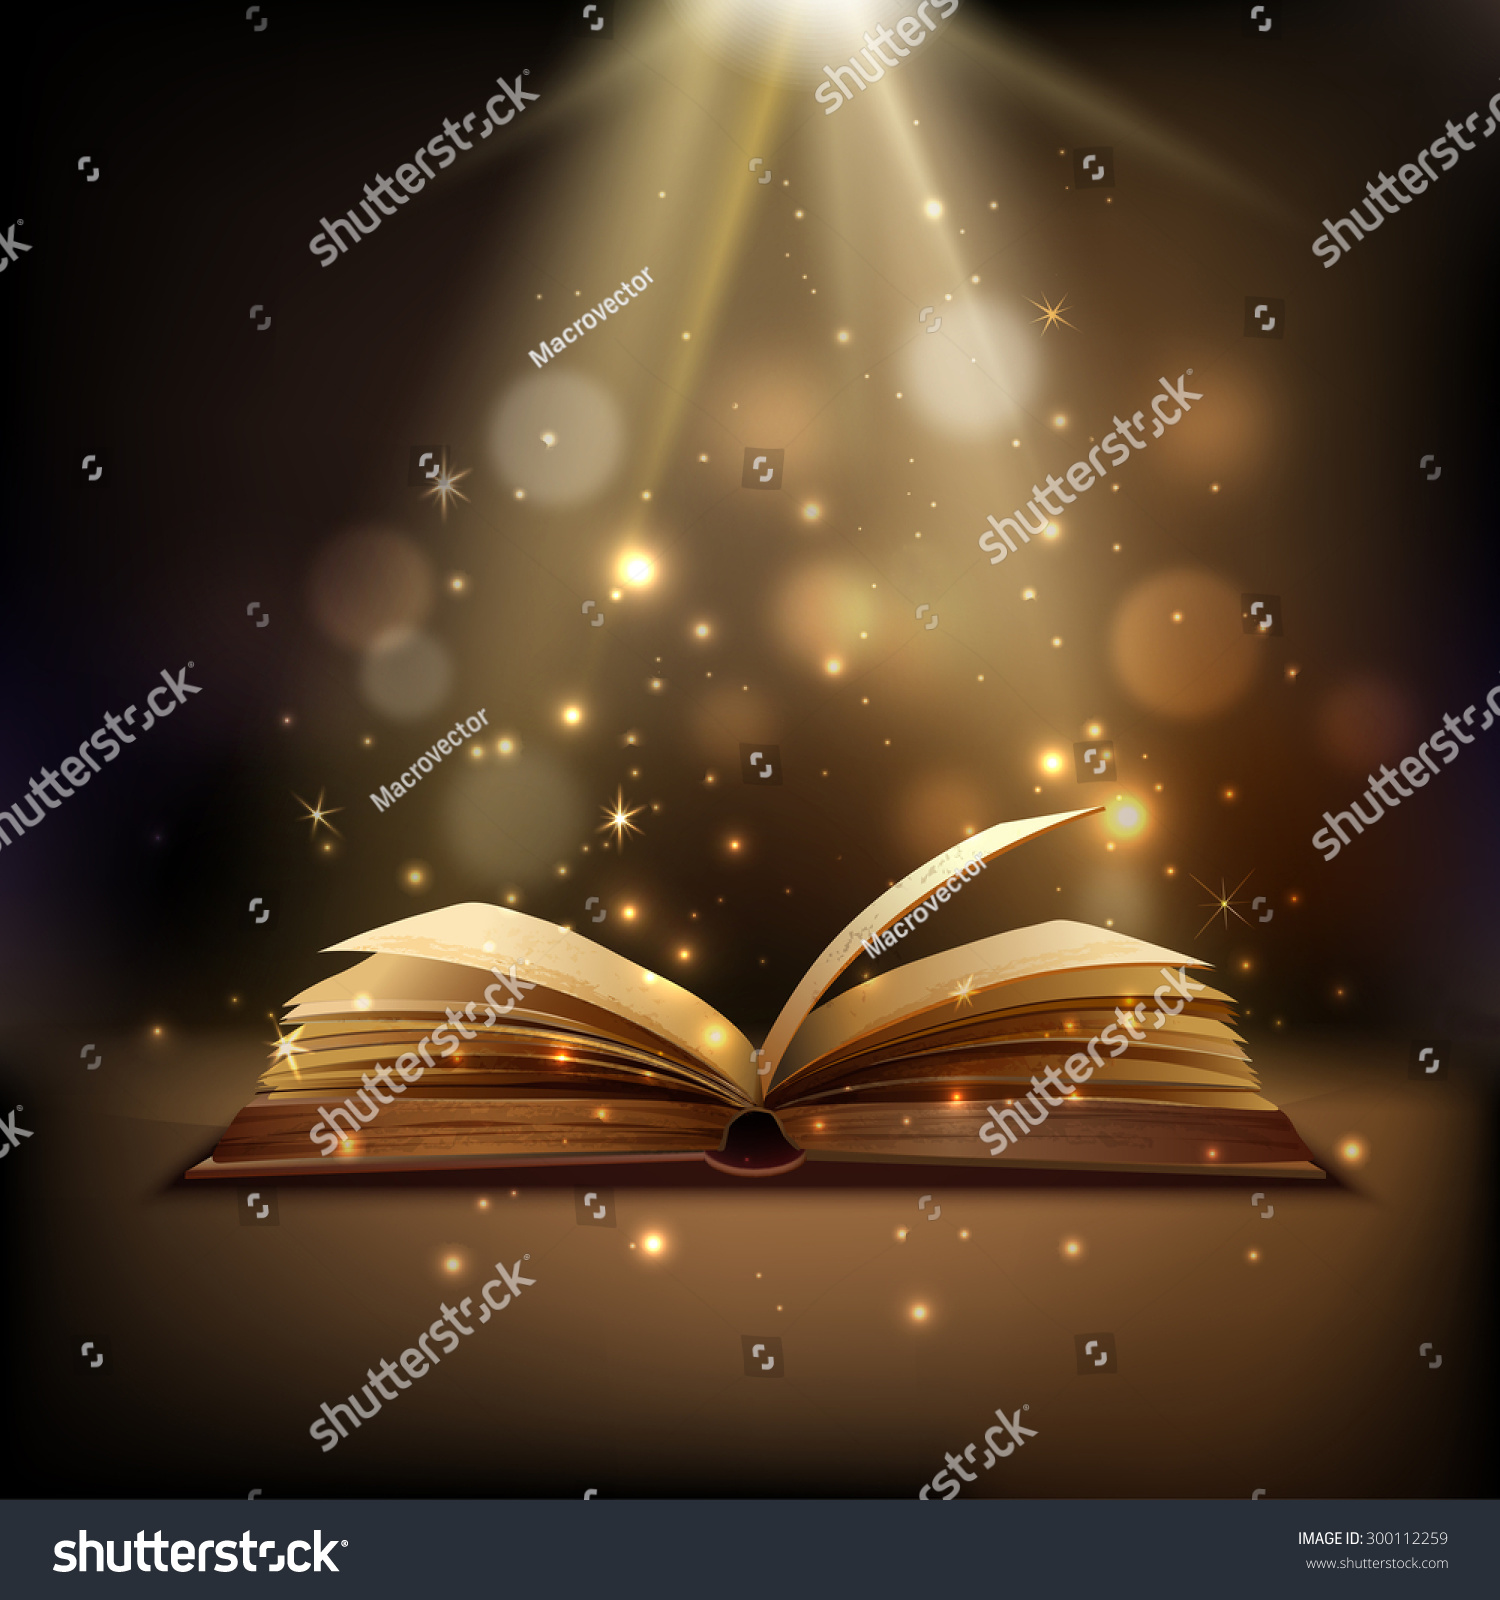 wallpaper golden book open - photo #11